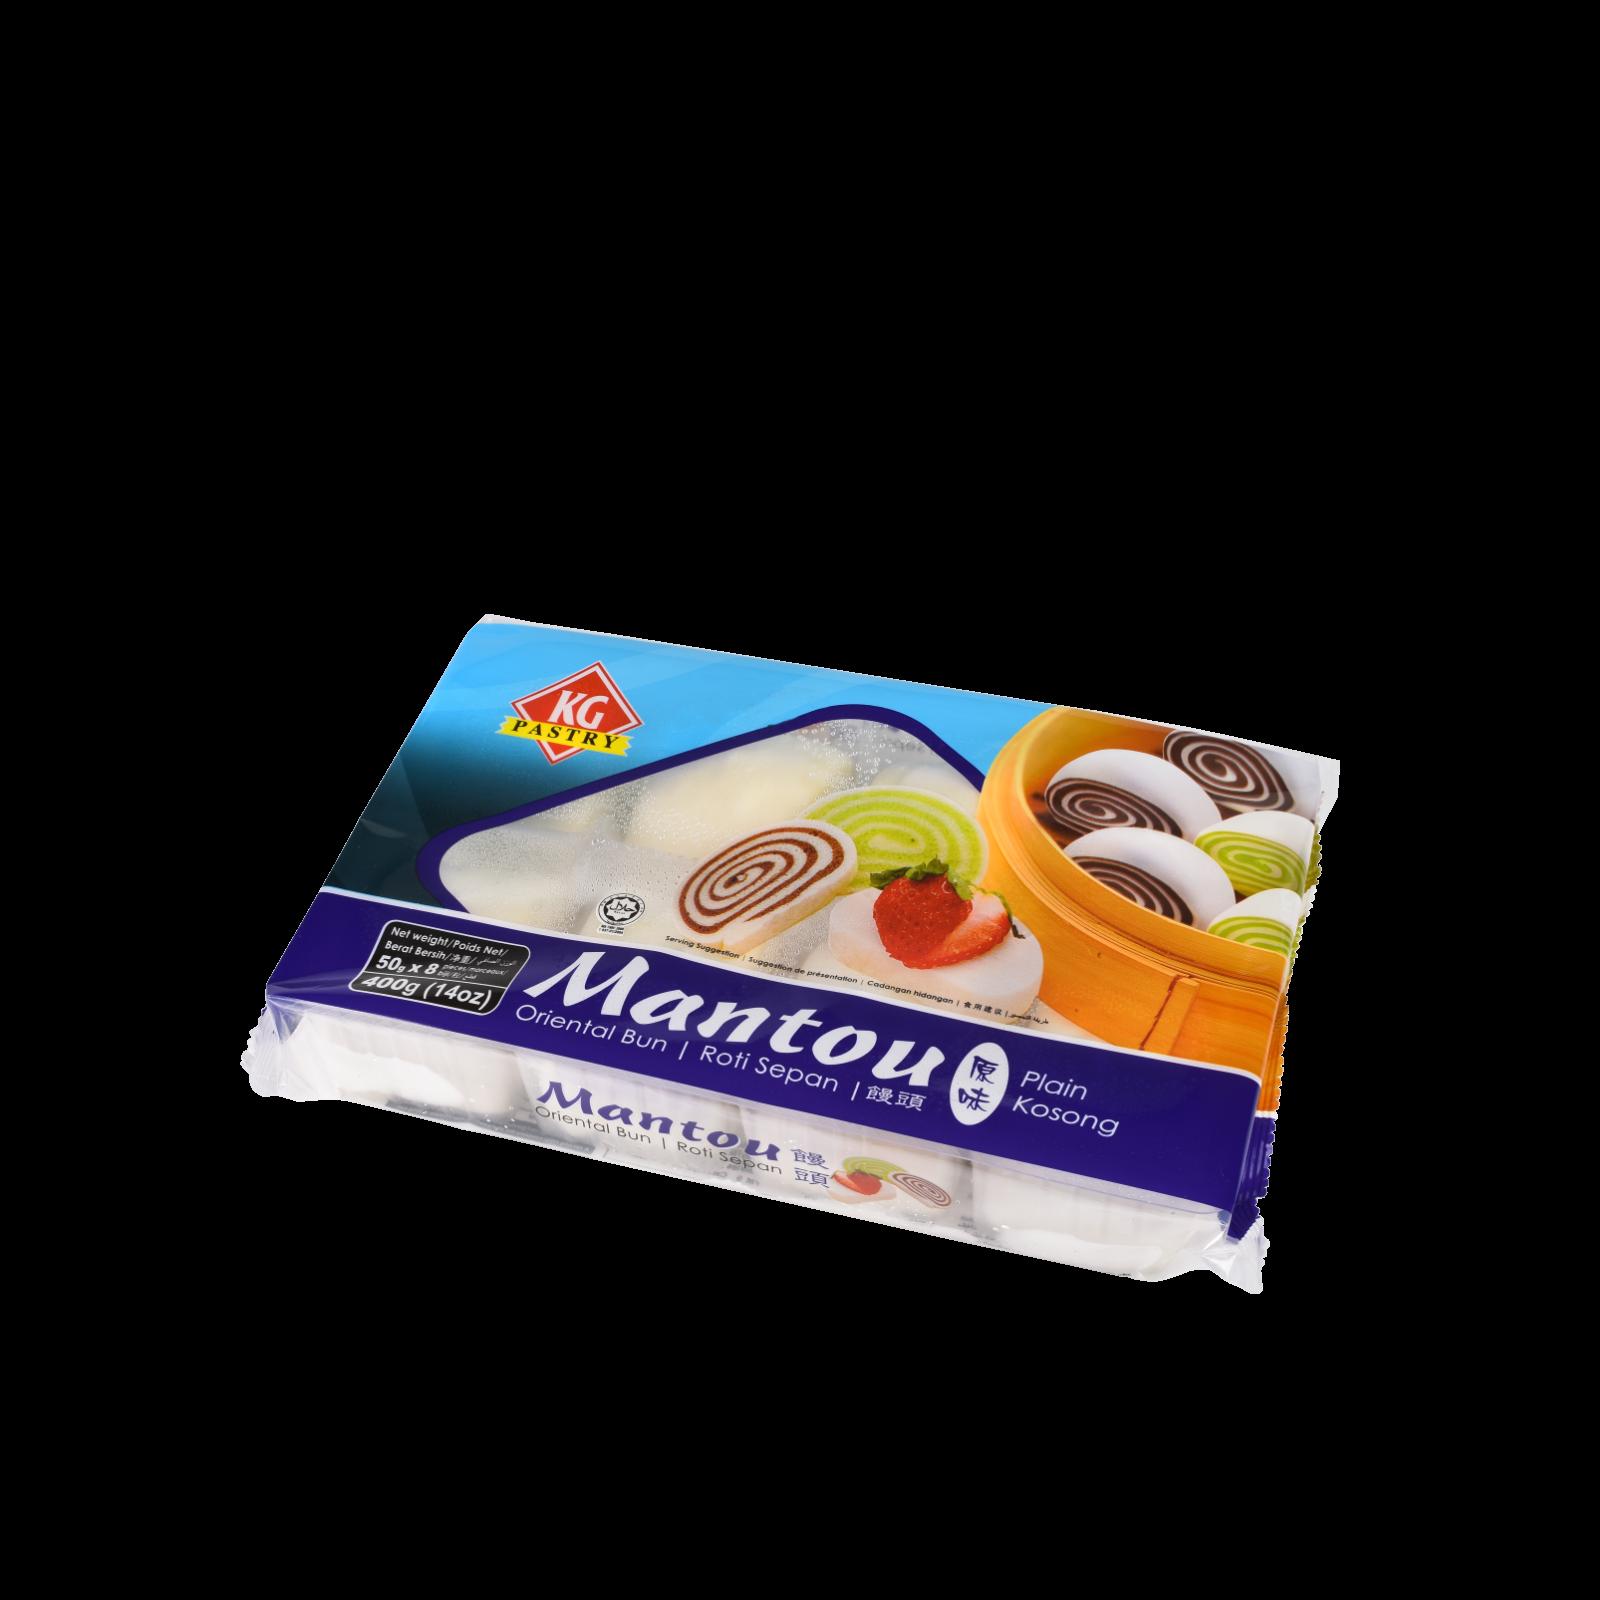 KG Pastry Mantou (50g x 8) 400g 14oz.png